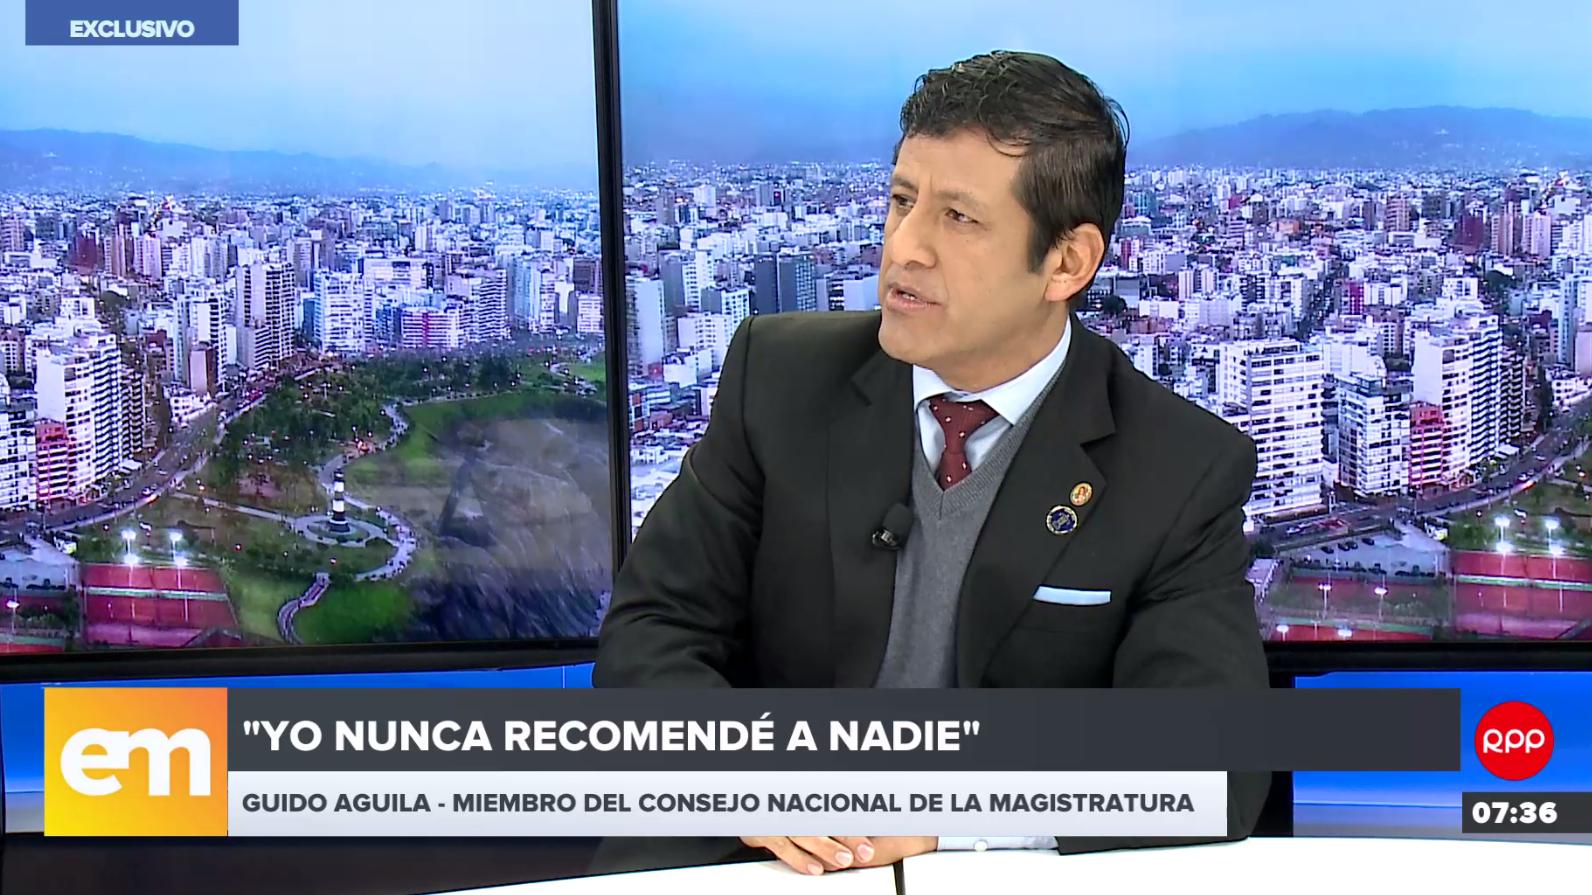 Guido Aguila, miembro del Consejo Nacional dela Magistratura, negó acusaciones en su contra.